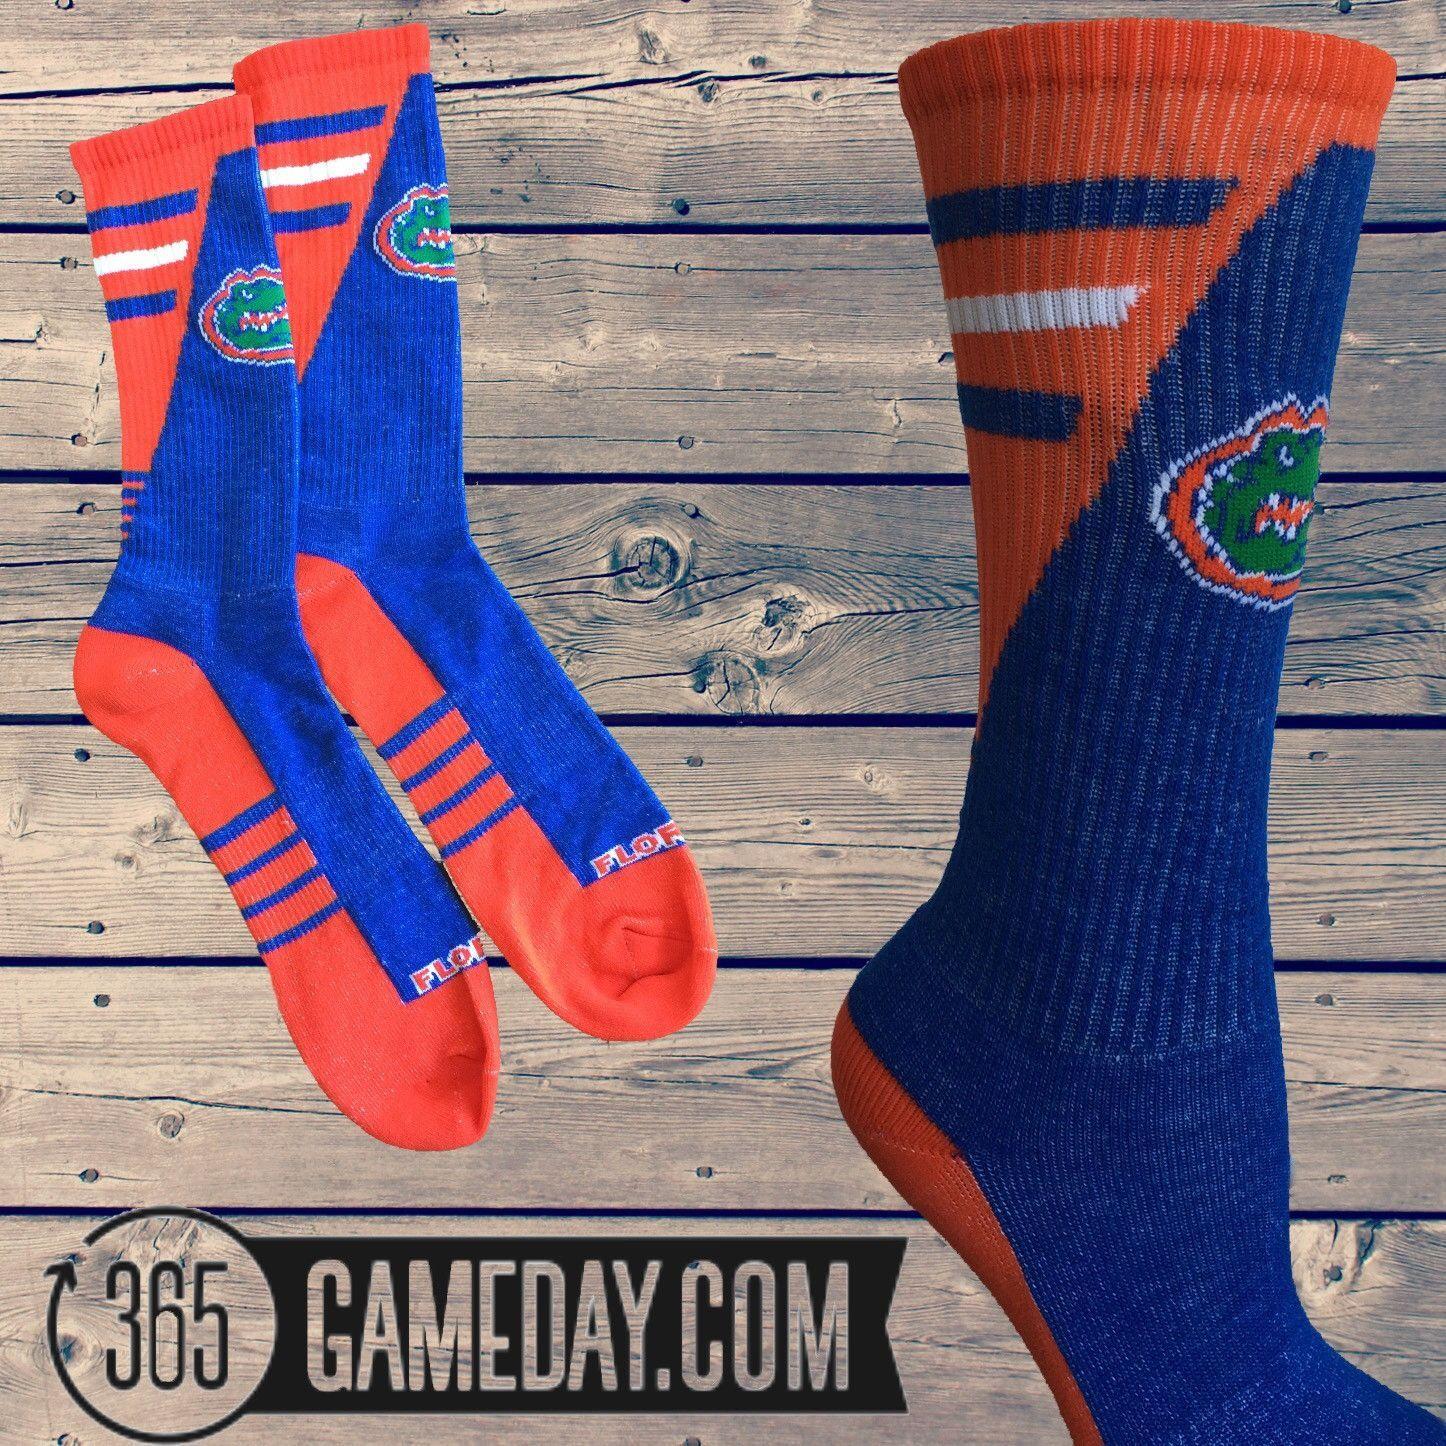 8b0eccedf01 Florida Gators